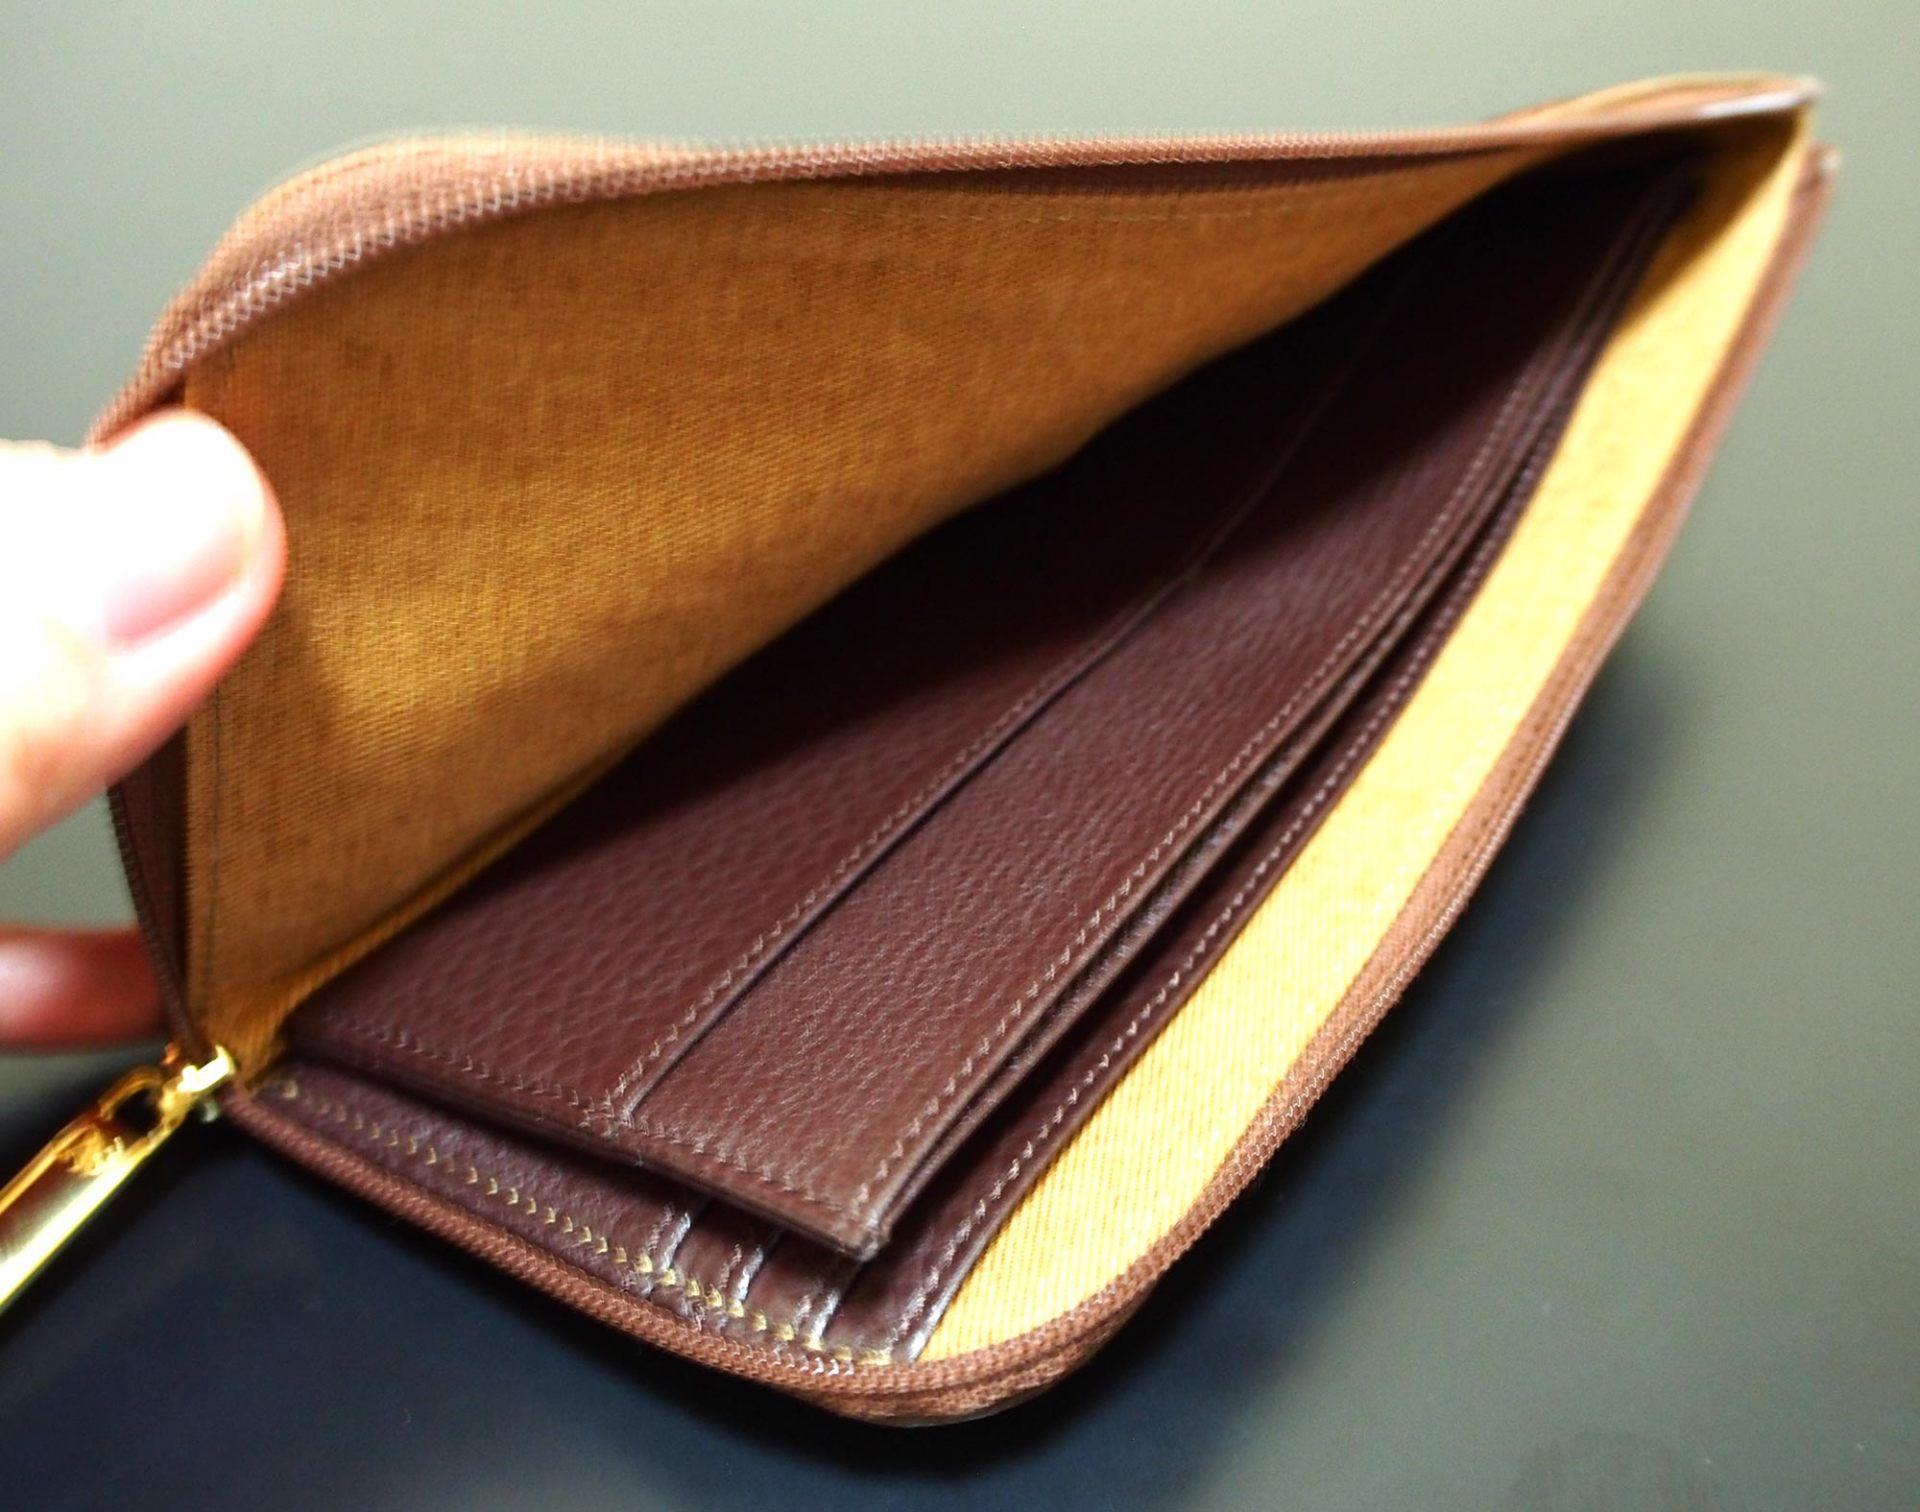 皮夾內部構造看上去很簡單